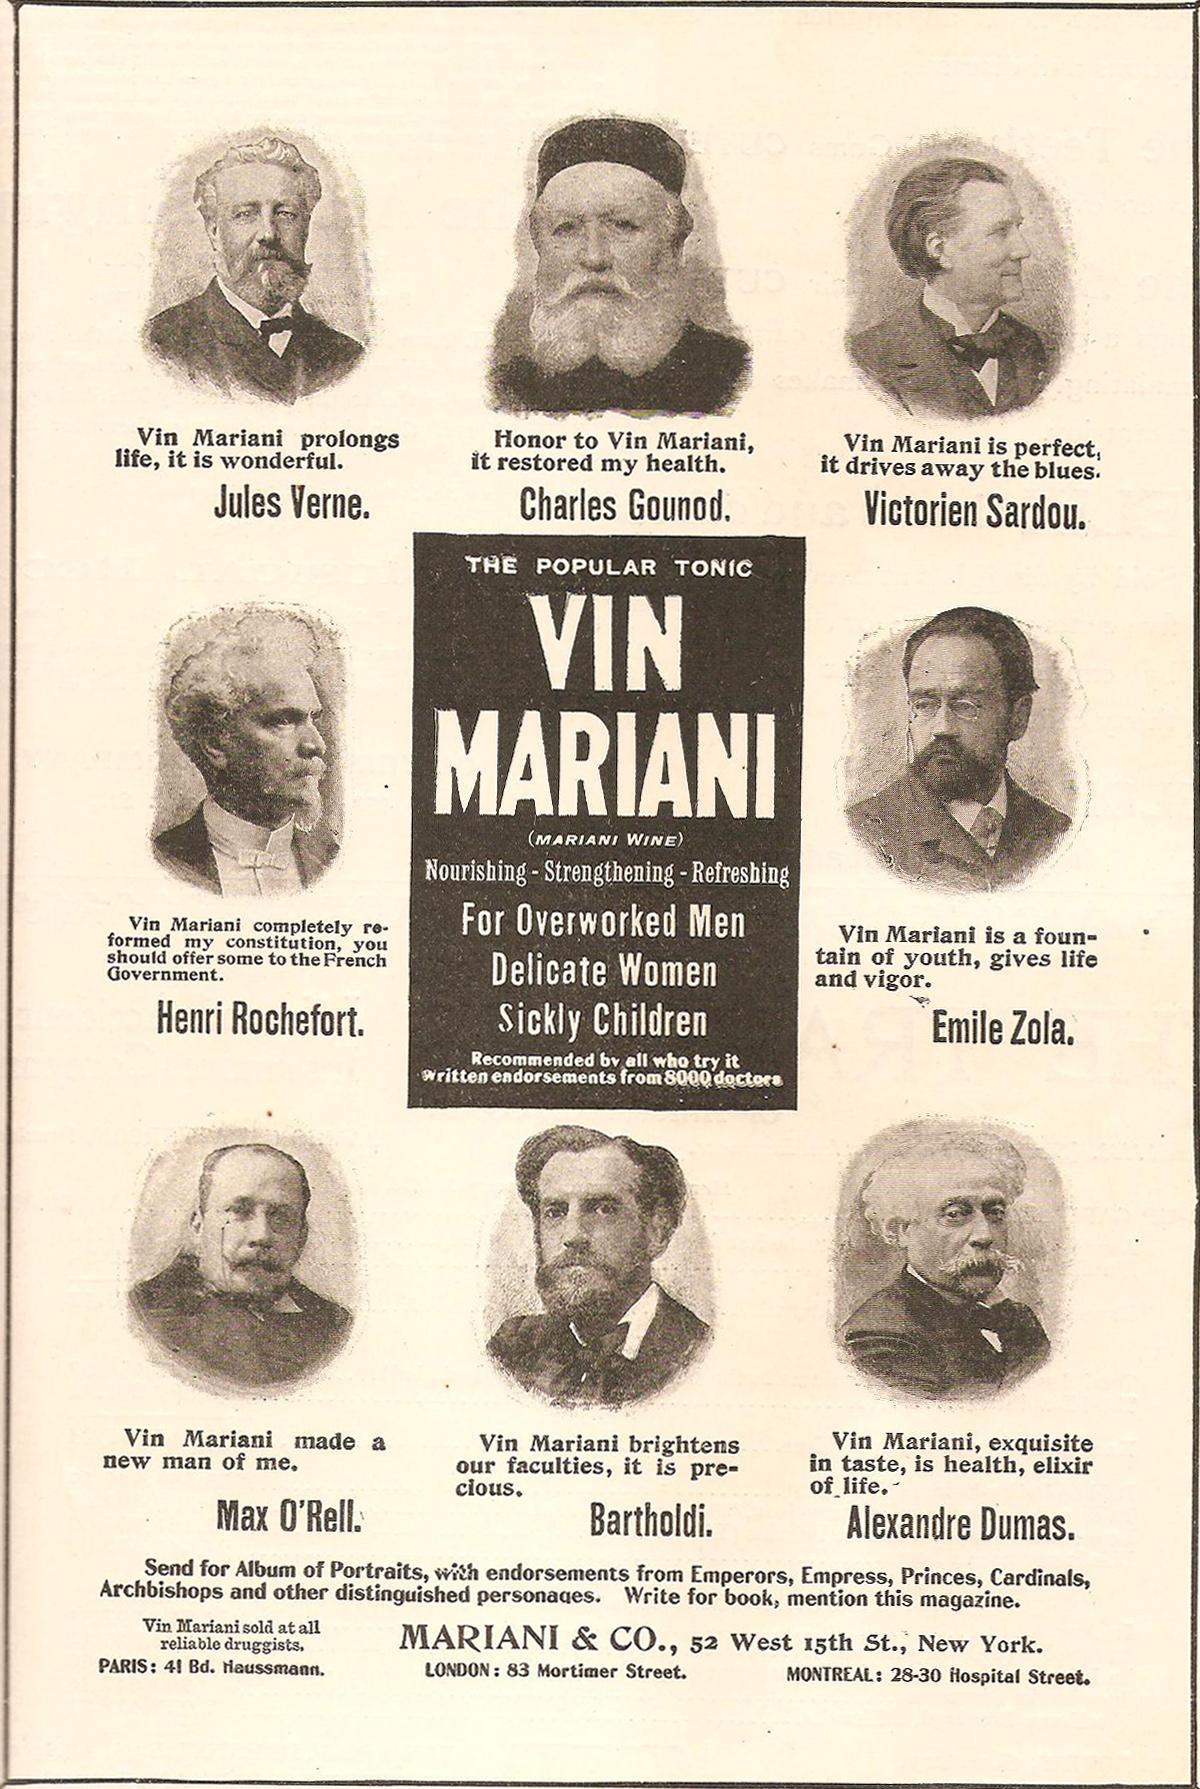 Publicidad del Vin Mariani